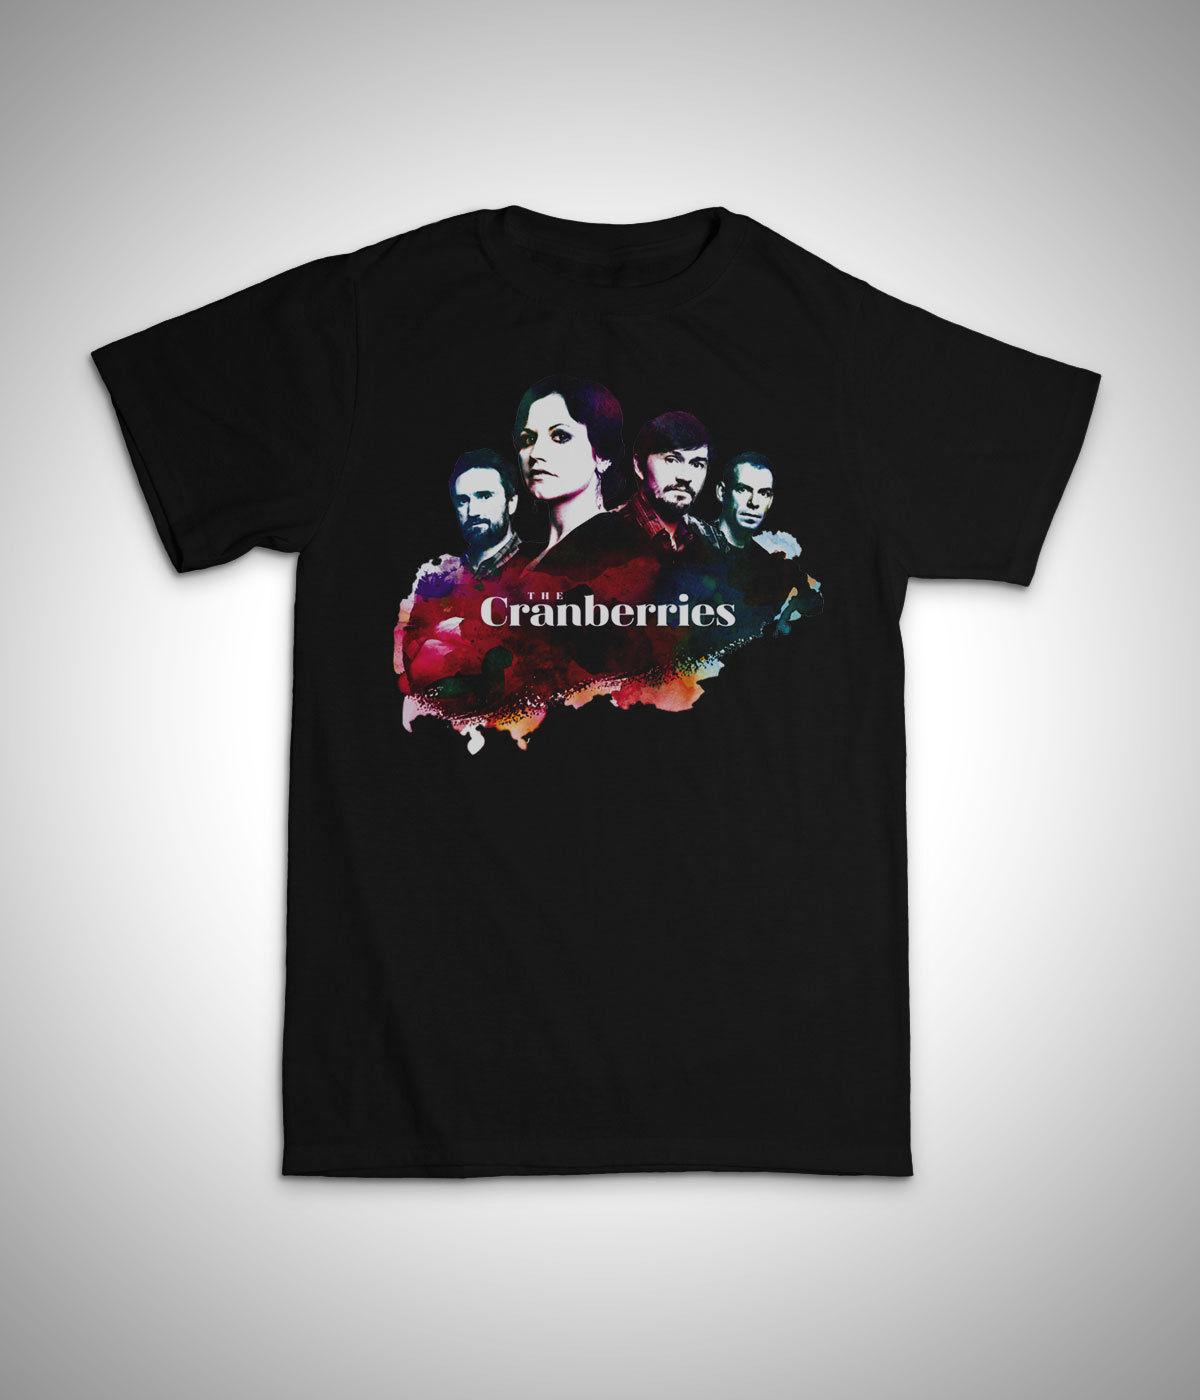 Брусника розы футболка унисекс-Долорес O'Riordan женщин Человек подарков black2018 новый бренд